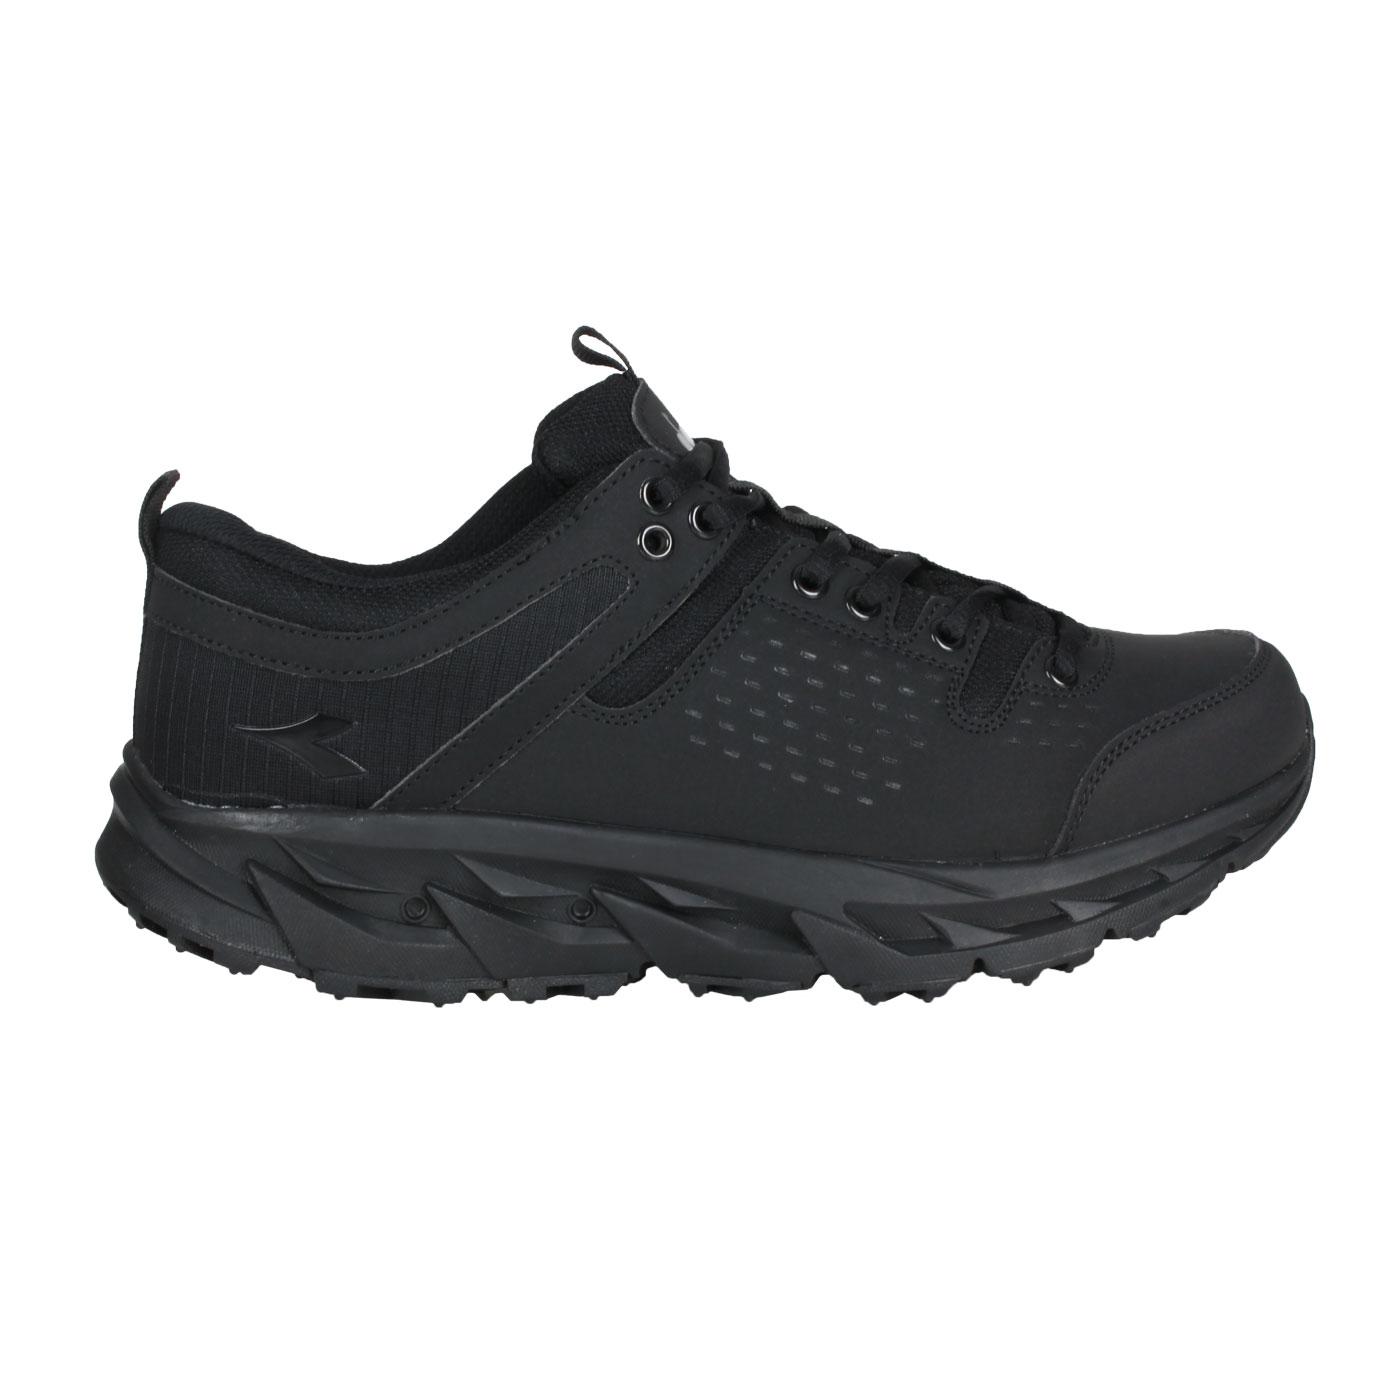 DIADORA 男款MIT戶外野趣越野鞋 DA71187 - 黑